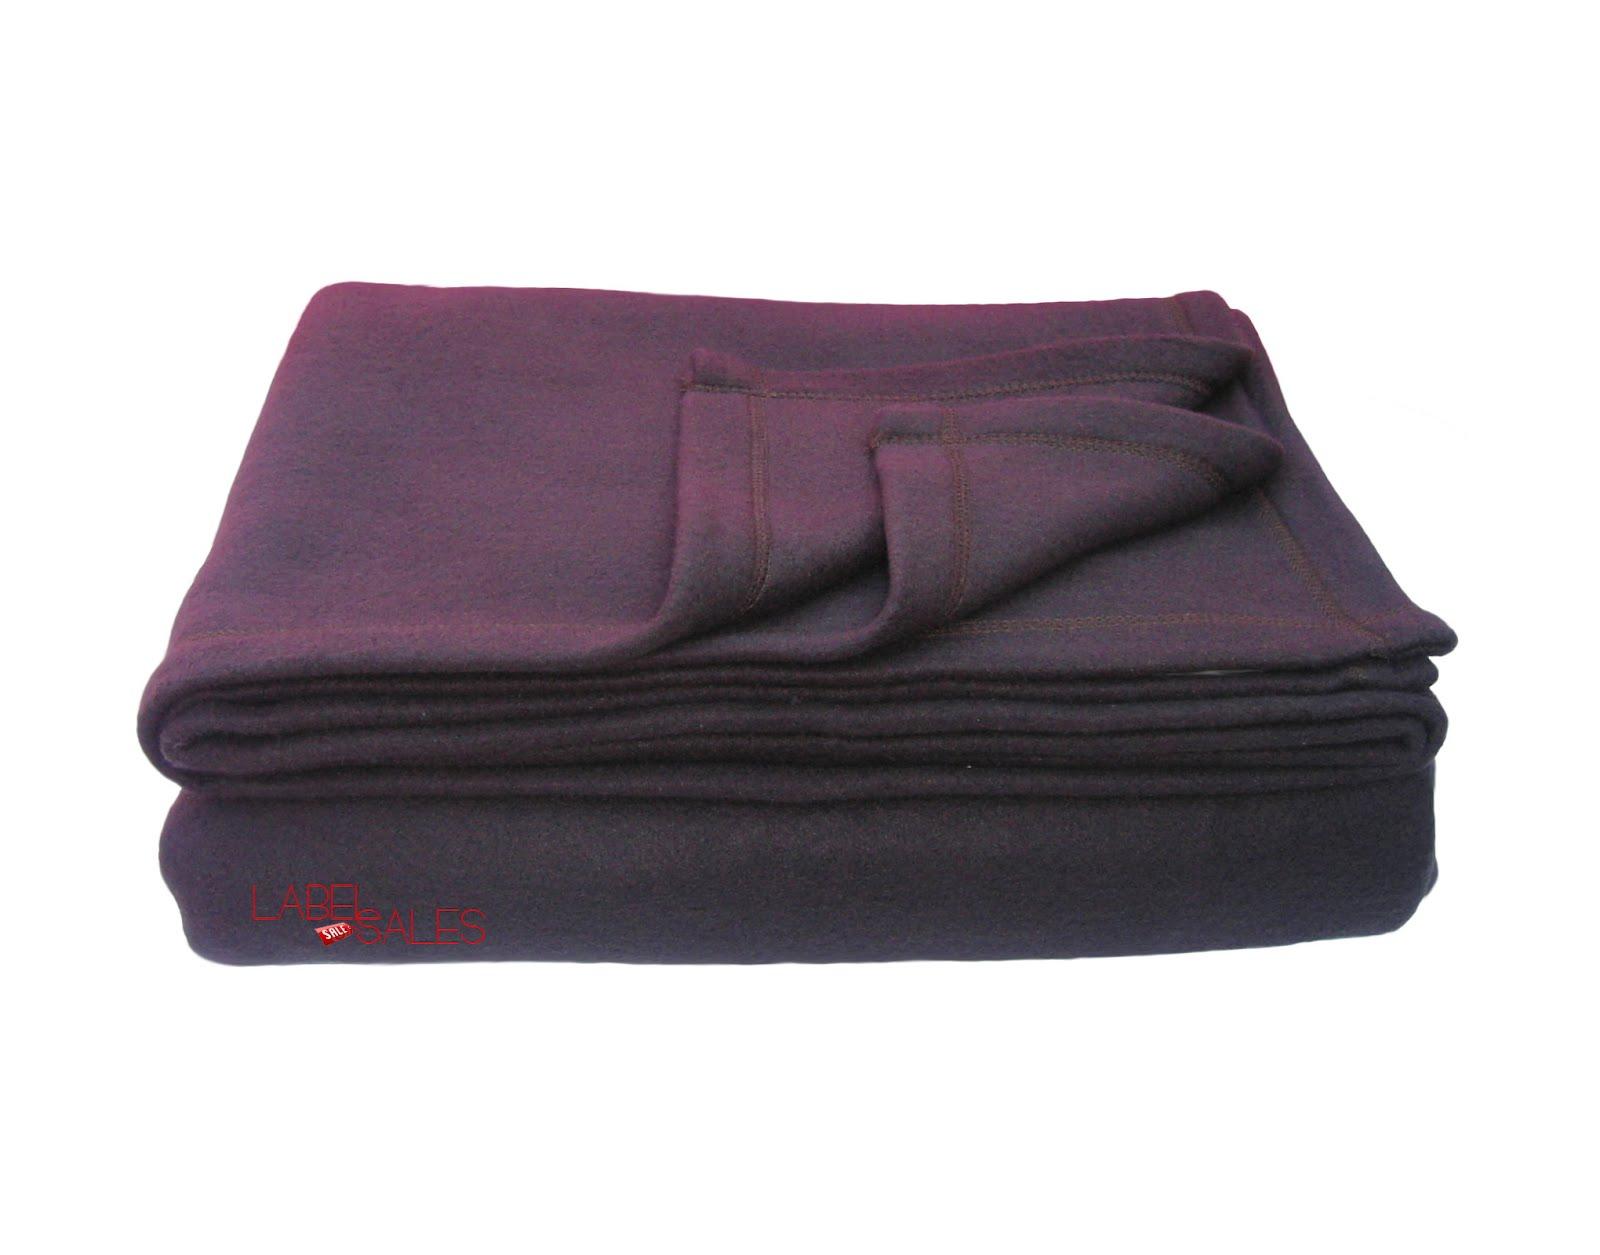 ผ้าห่ม สีจีวรพระ